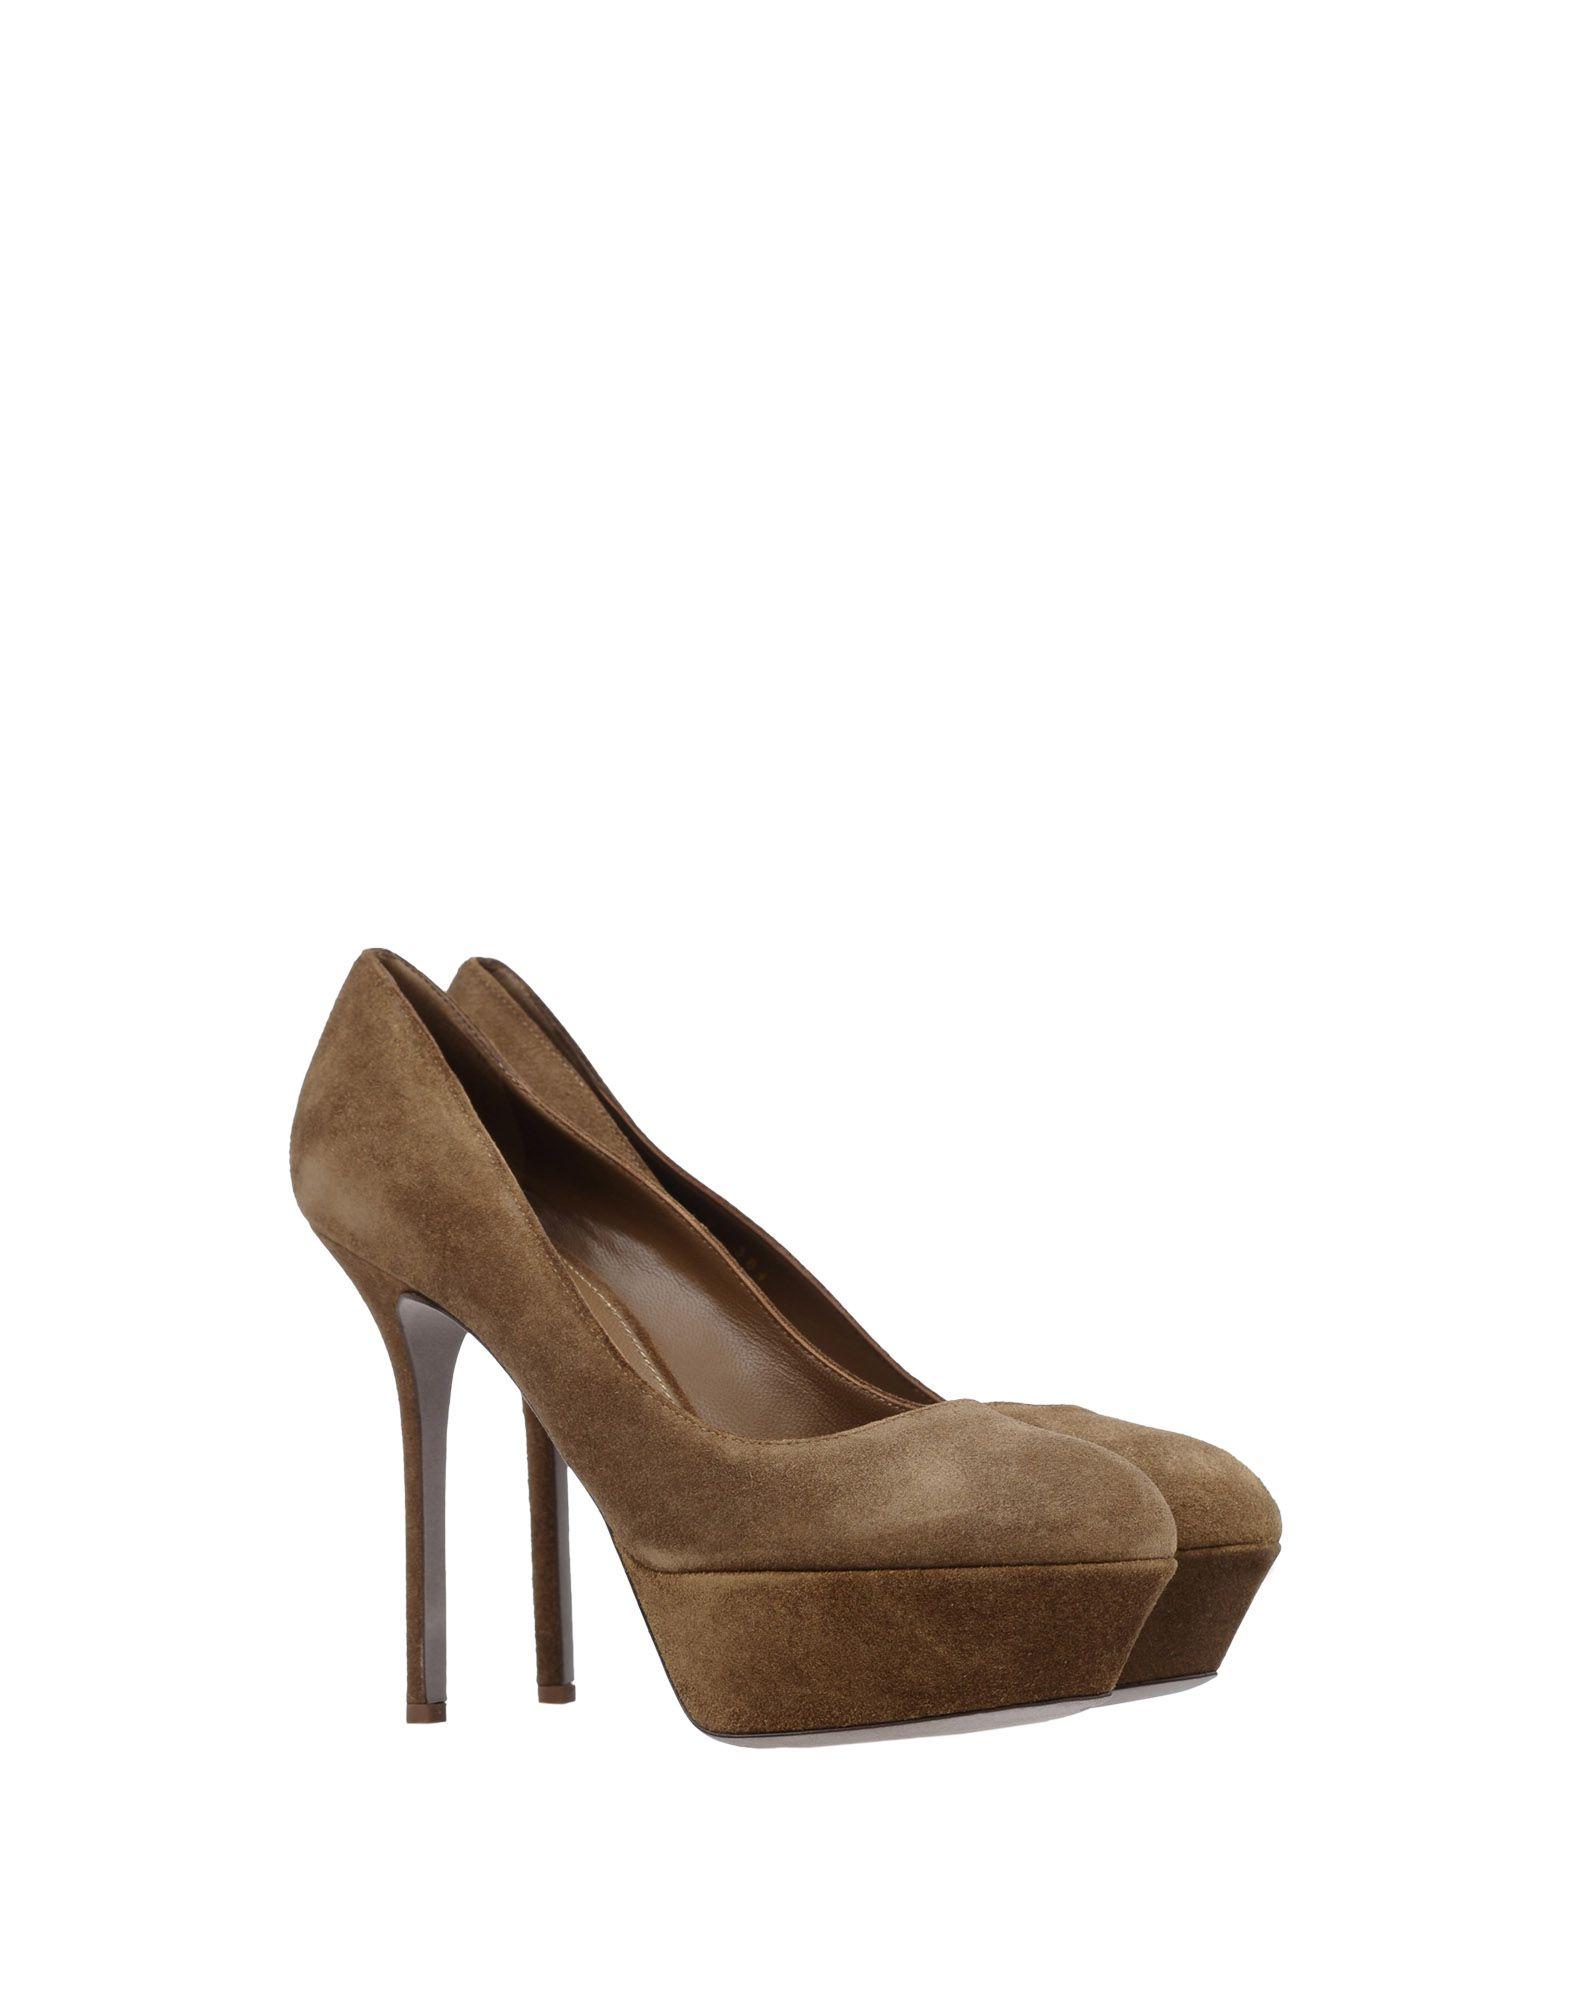 Stilvolle billige Schuhe Sergio Rossi Pumps Damen  11284583JF 11284583JF  ec2c8f